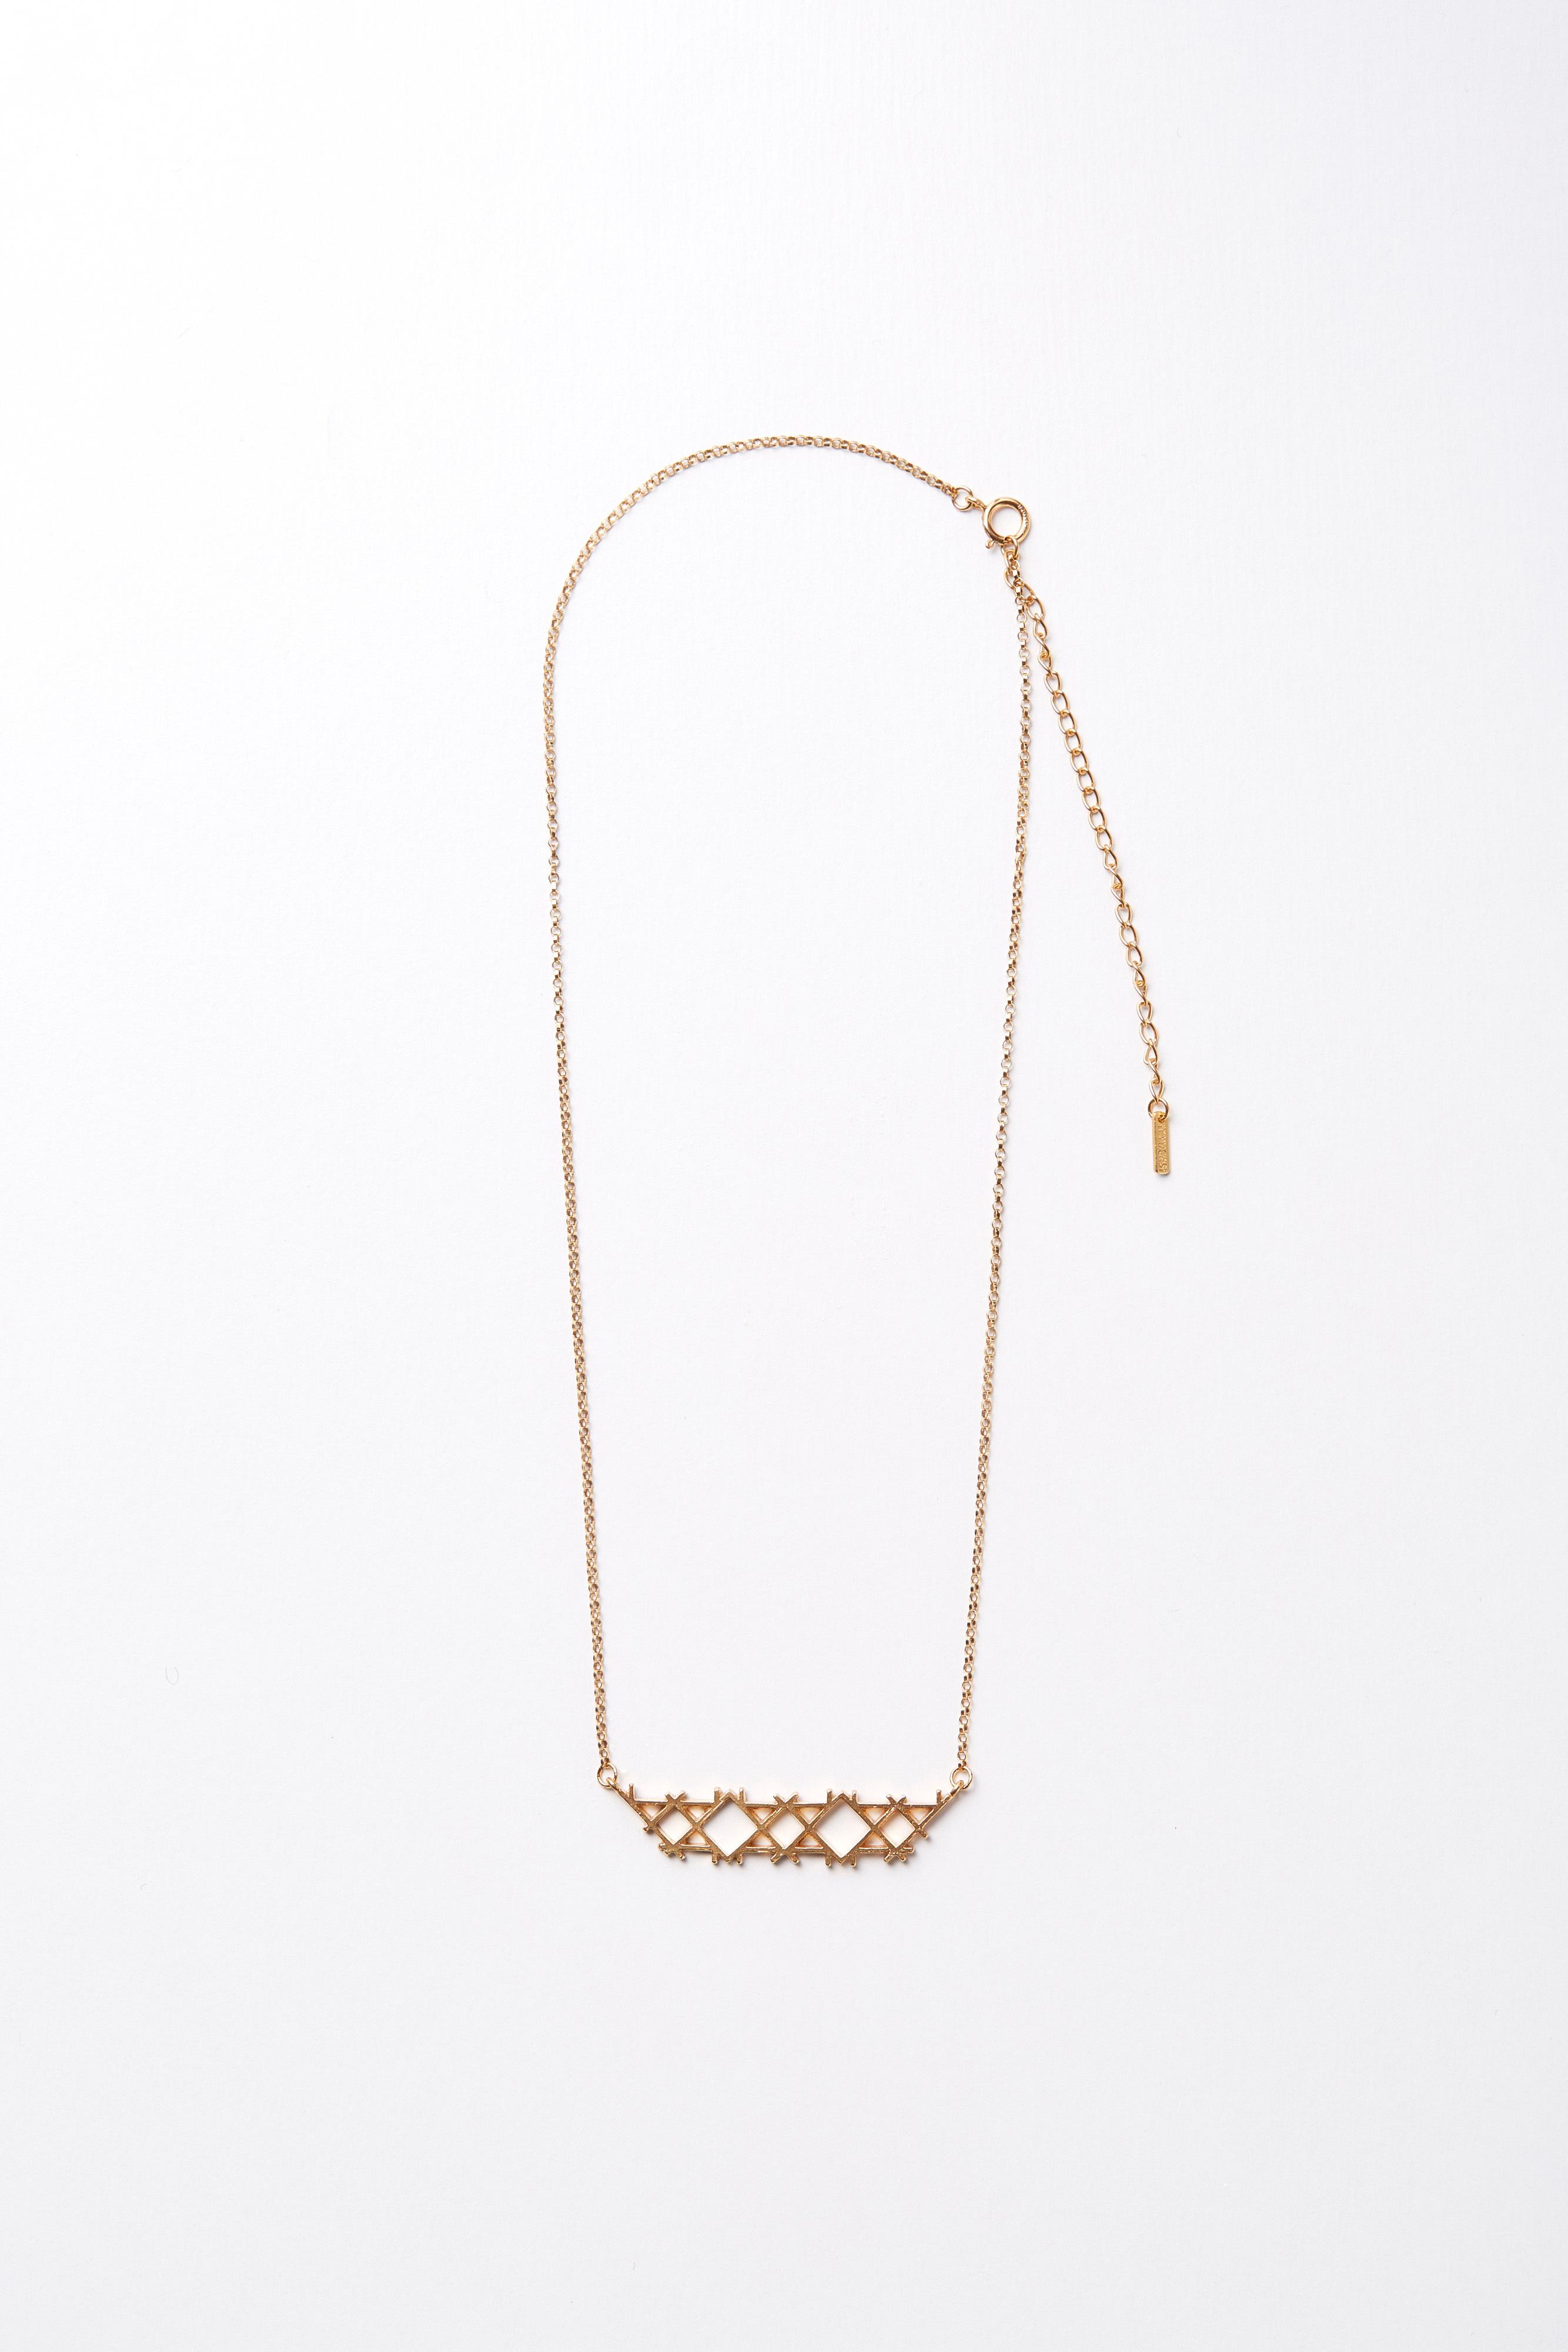 -KIKA- necklace / IT N 1